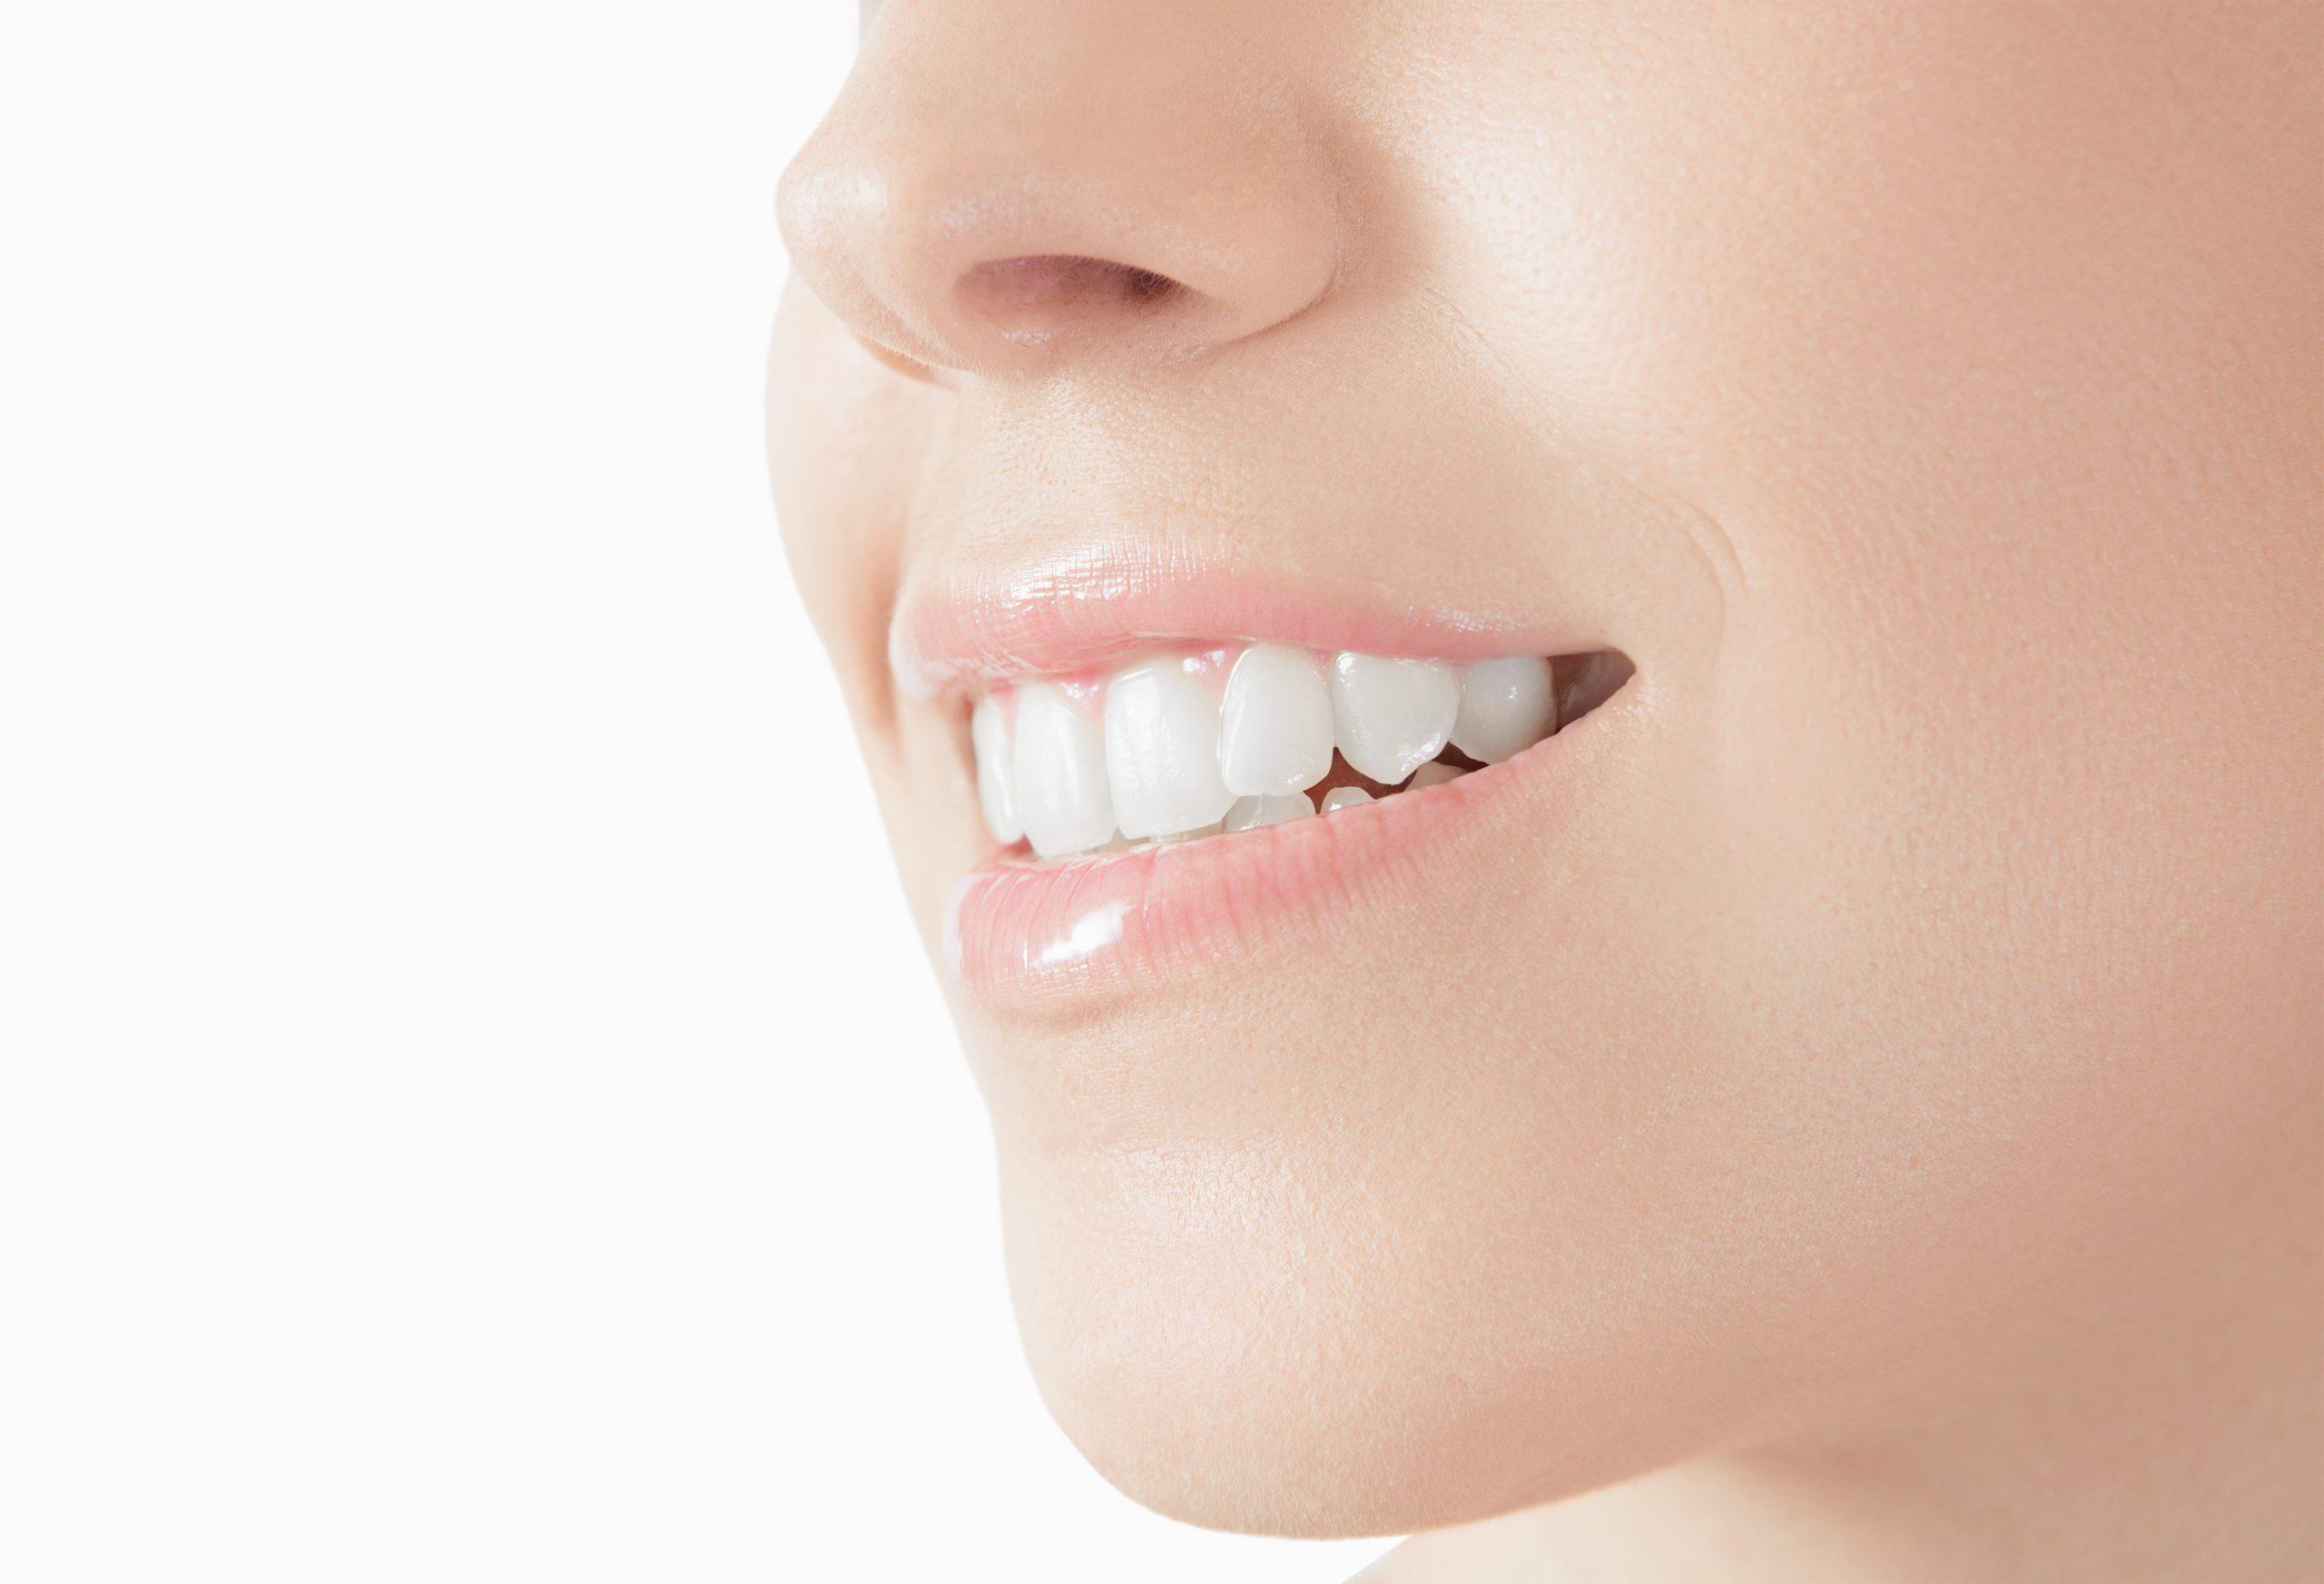 syosset dental bonding